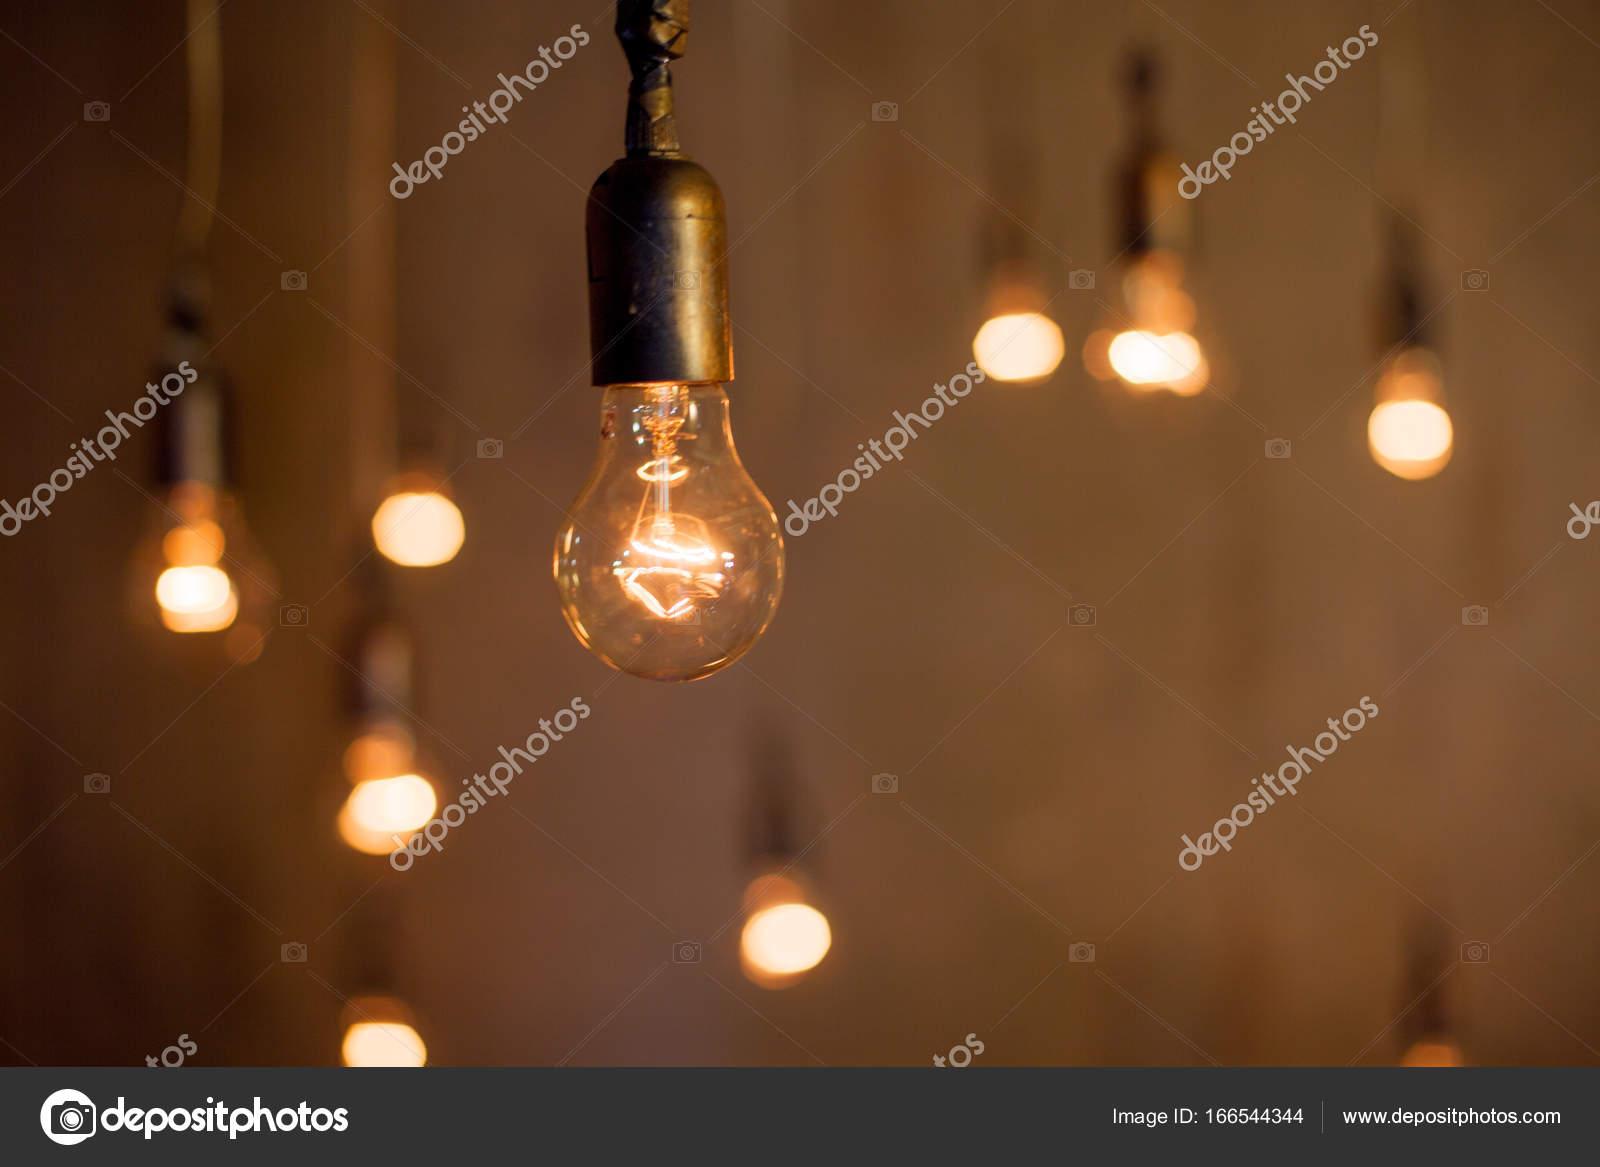 Lampen En Licht : Zusammenfassung hintergrund mit vielen lampen licht konzept der